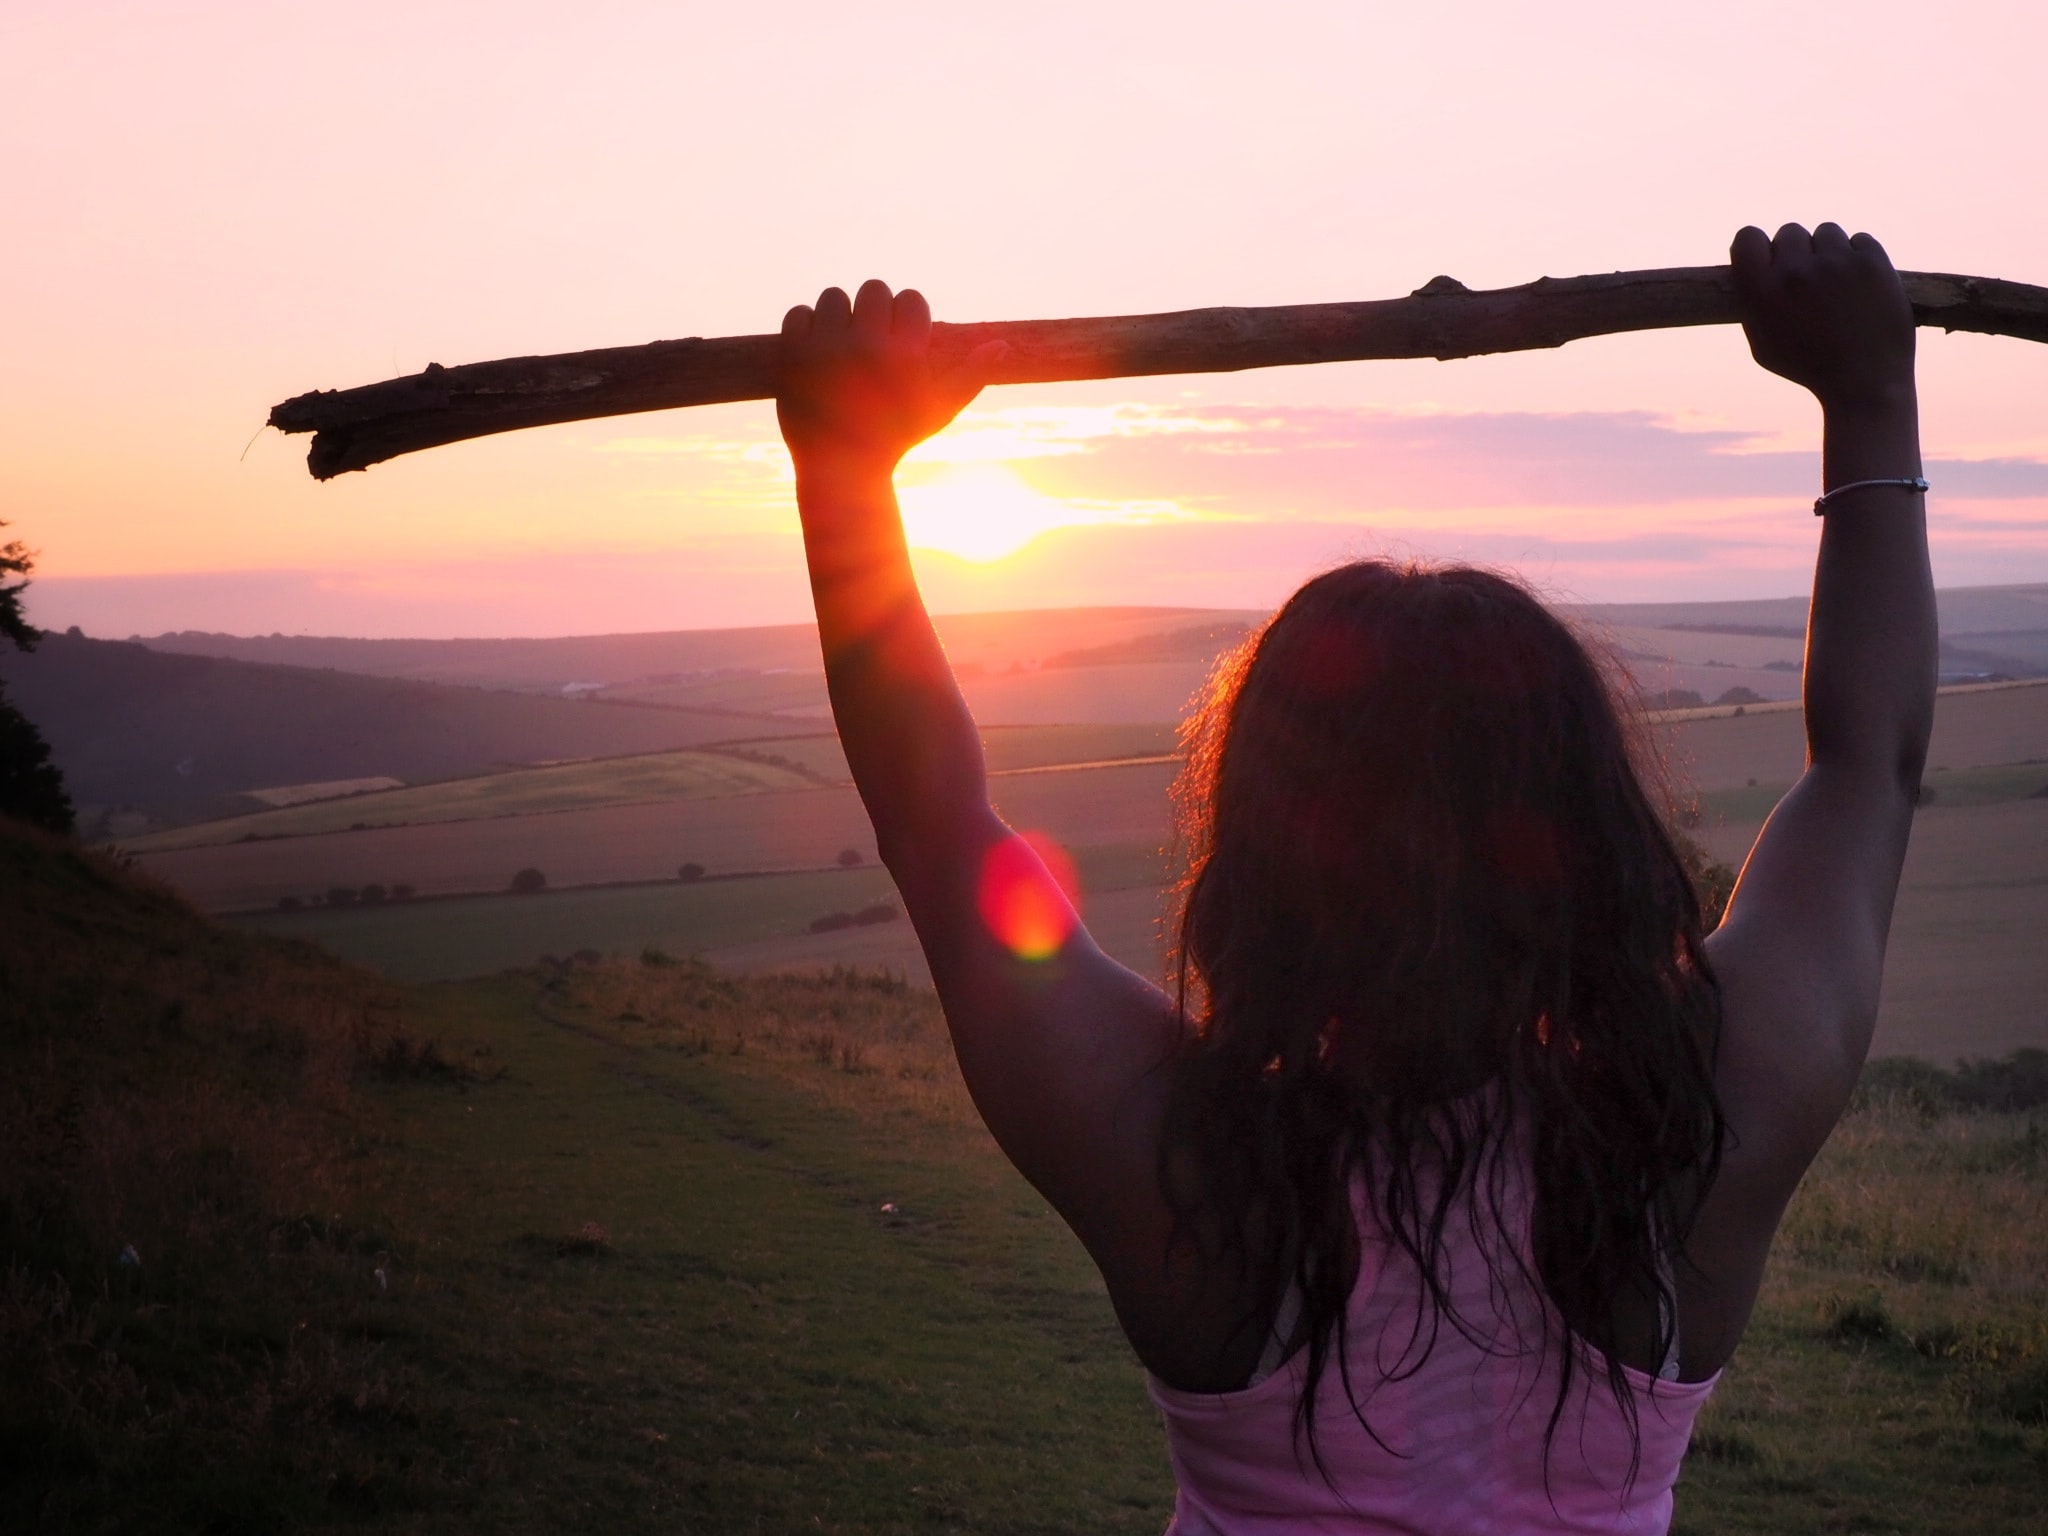 La capacità di cadere e rialzarsi: la resilienza